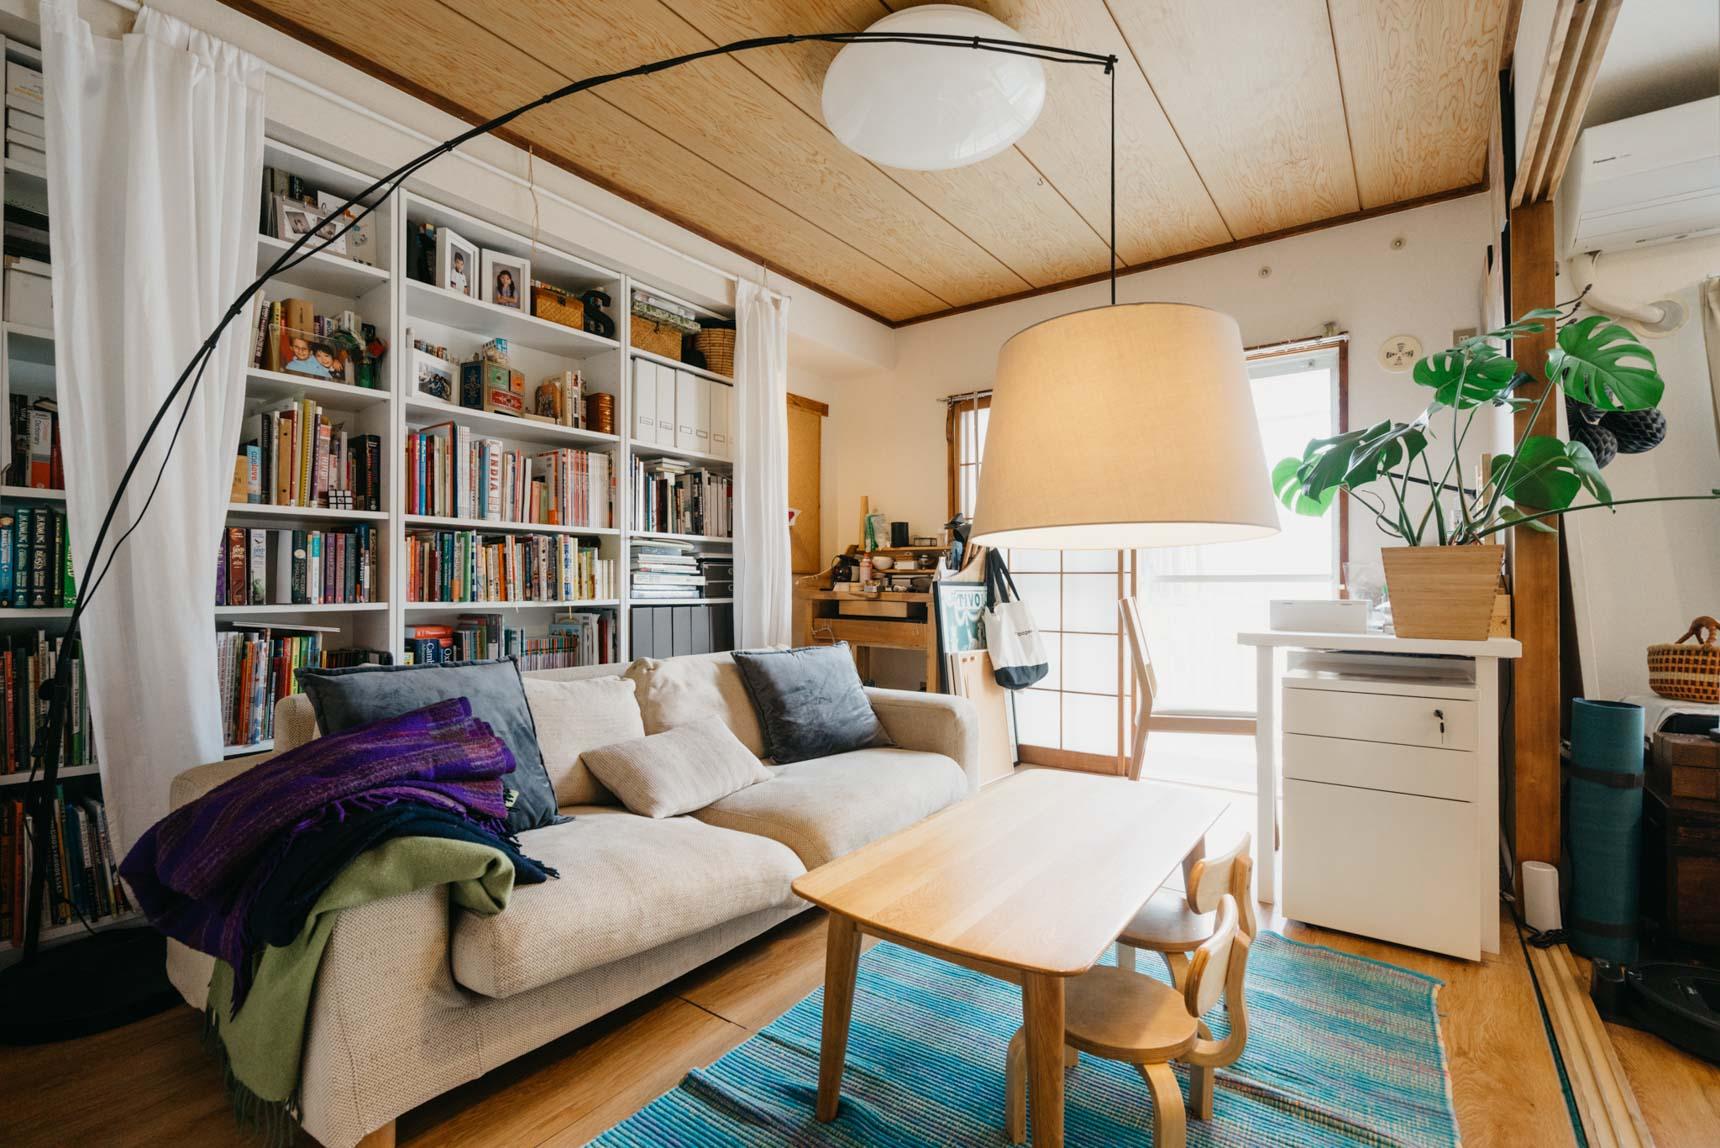 こちらのお部屋では、ソファの後ろにIKEAの「BILLY」を配置。お子さんのカラフルな本もたくさんあり、見た目をスッキリさせたい時にはカーテンで目隠しができるように工夫をされています。